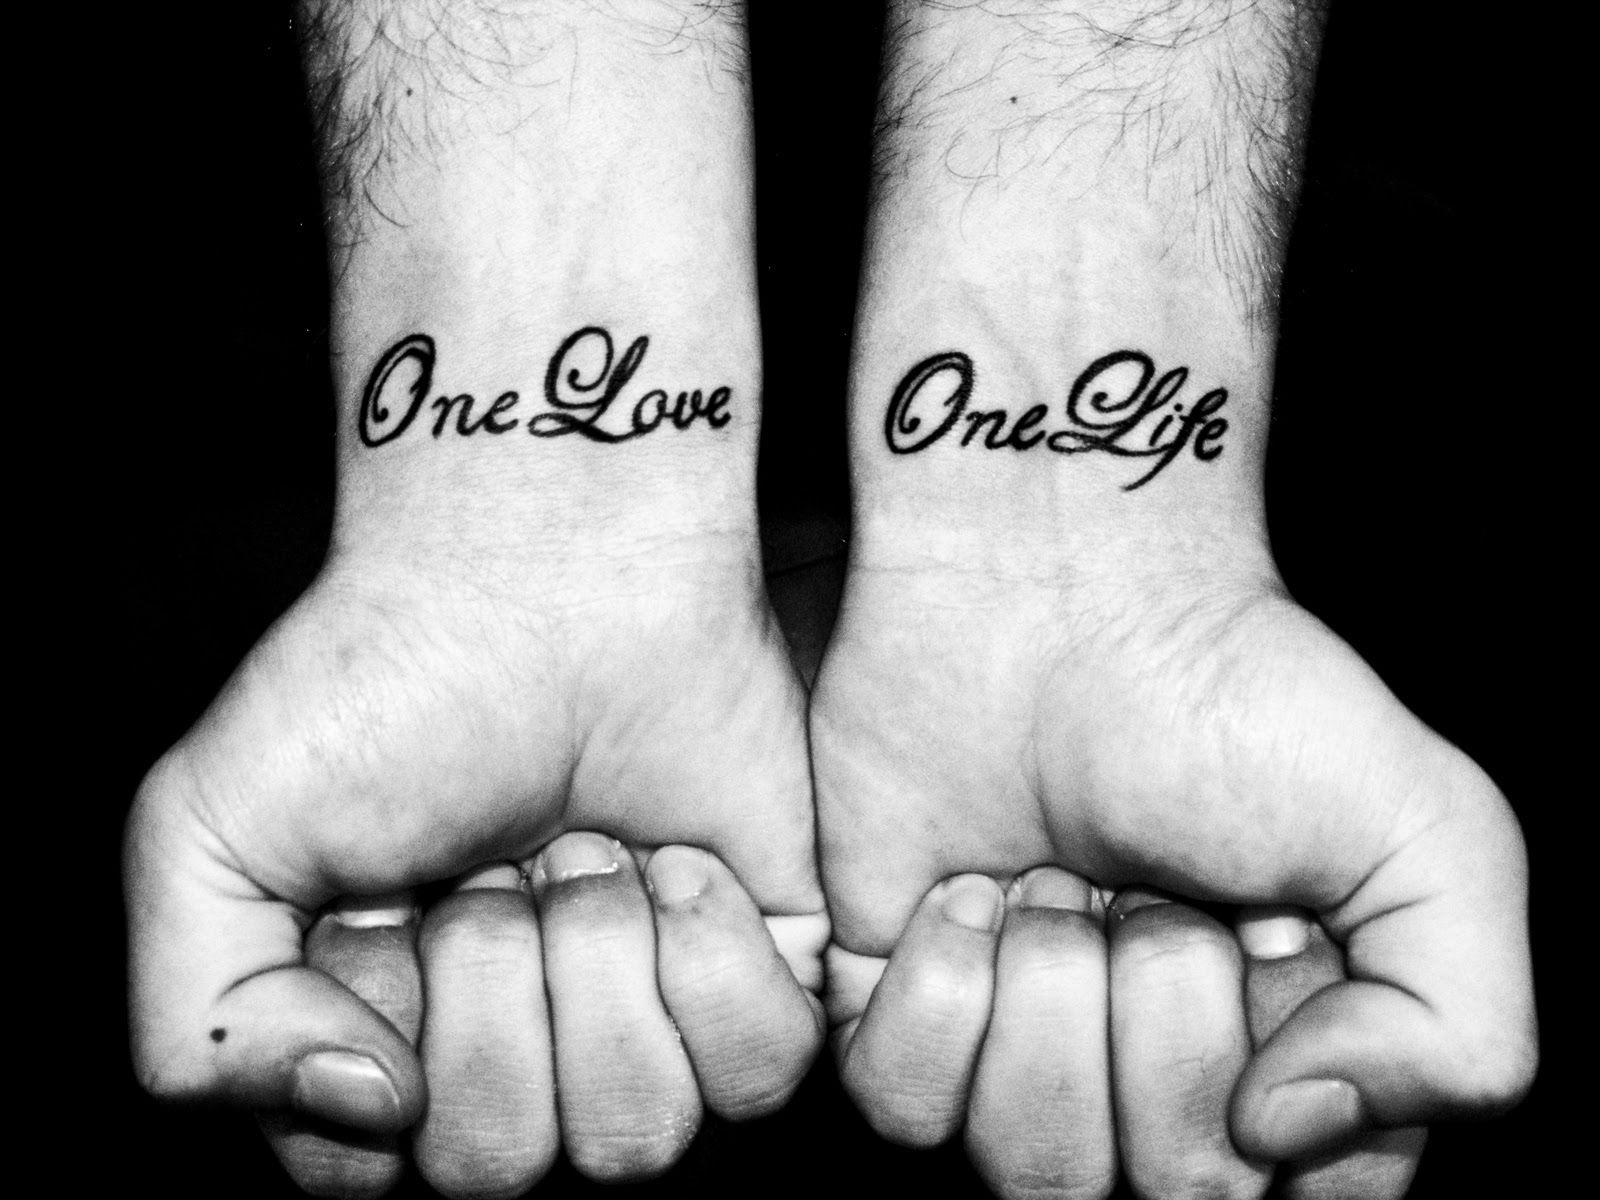 Wrist One Love One Life Tattoo Tattoos Love Tattoos